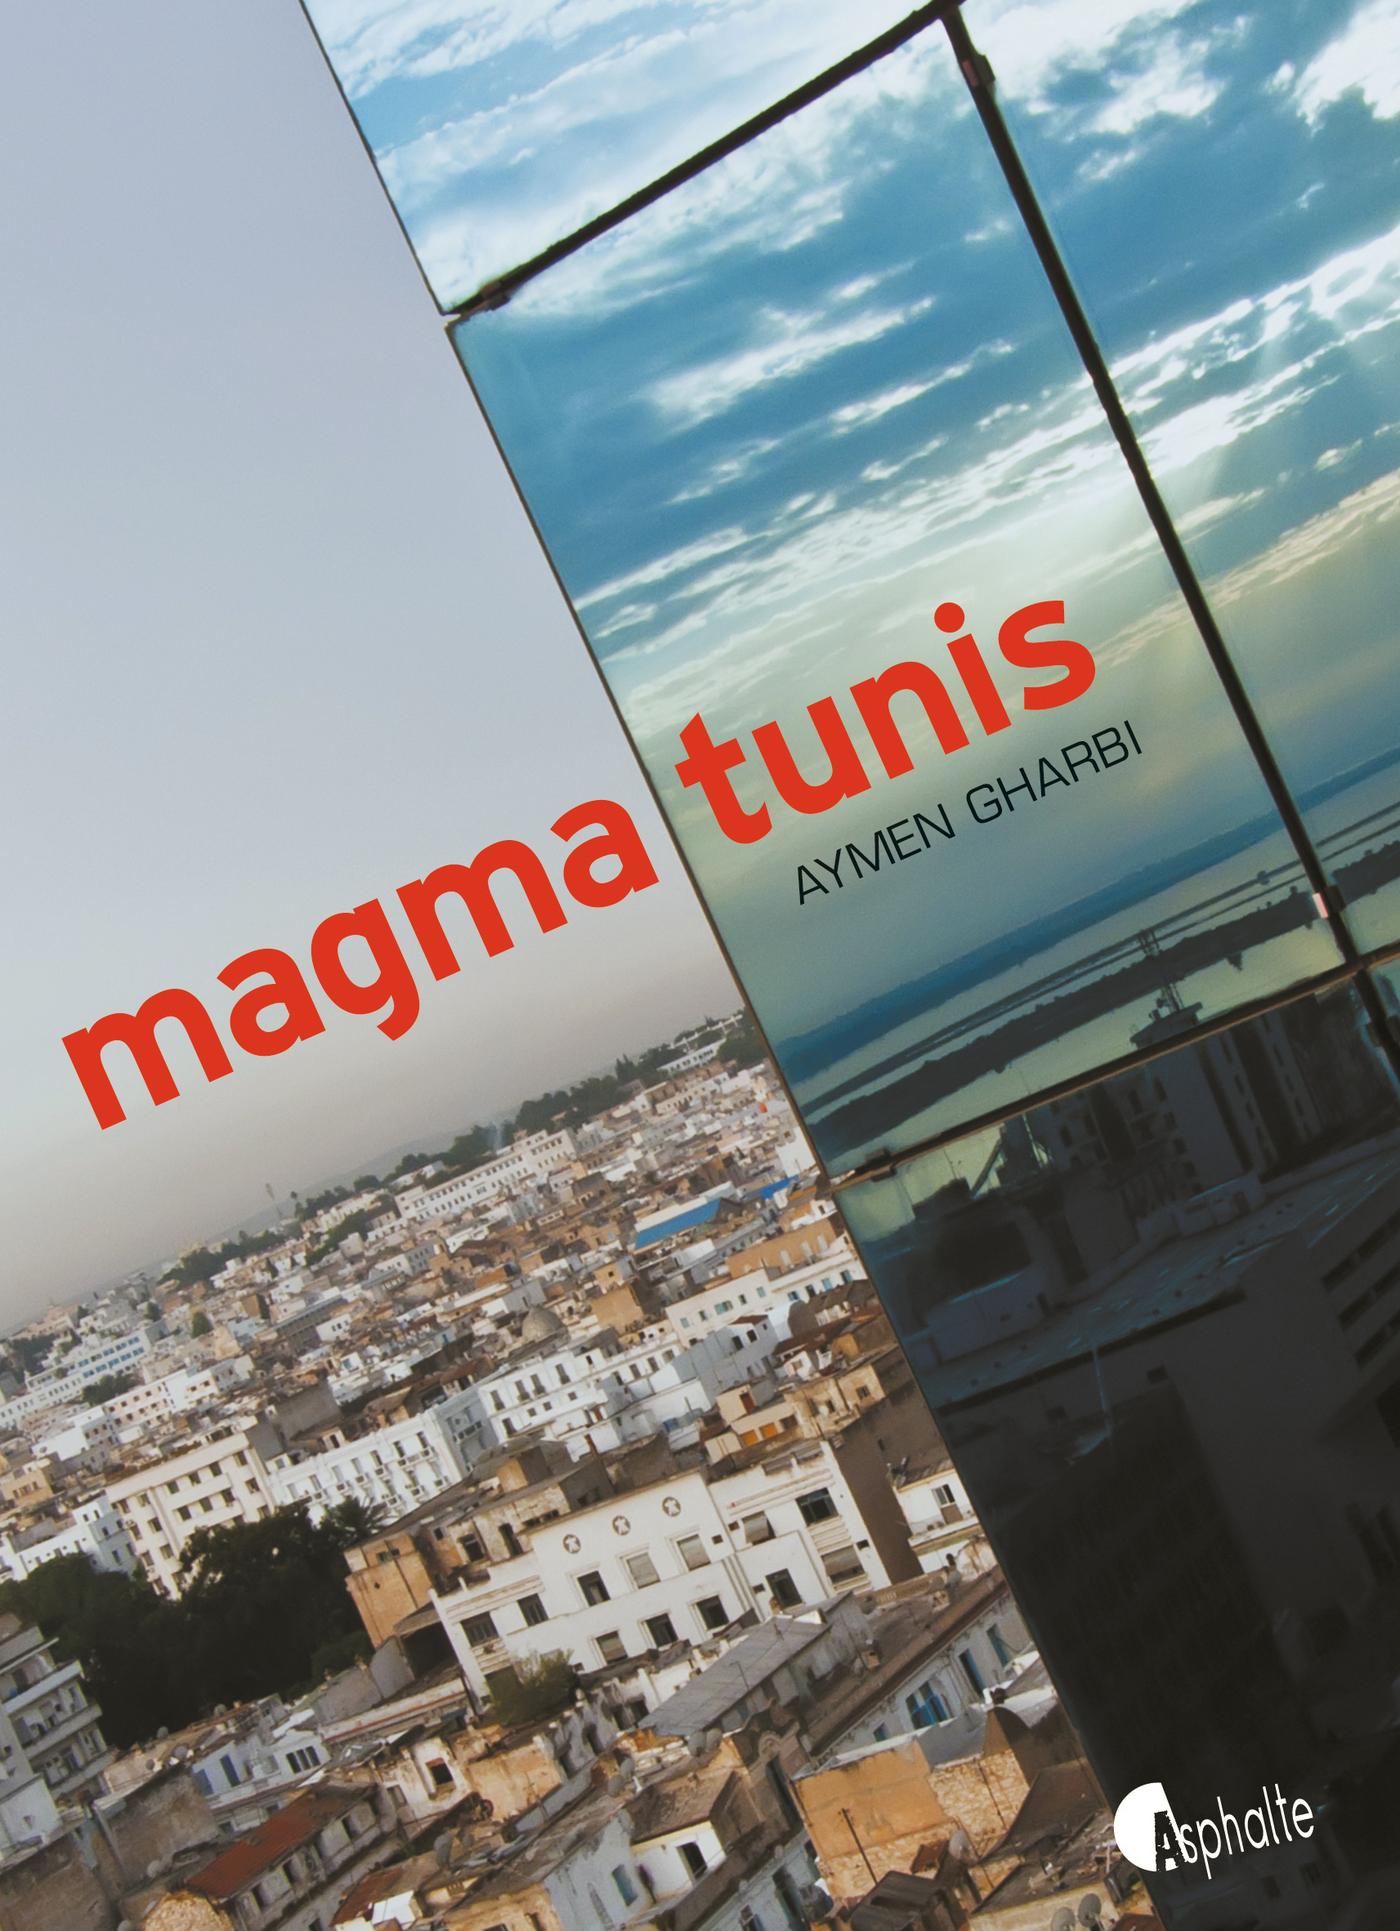 Magma Tunis | Gharbi, Aymen